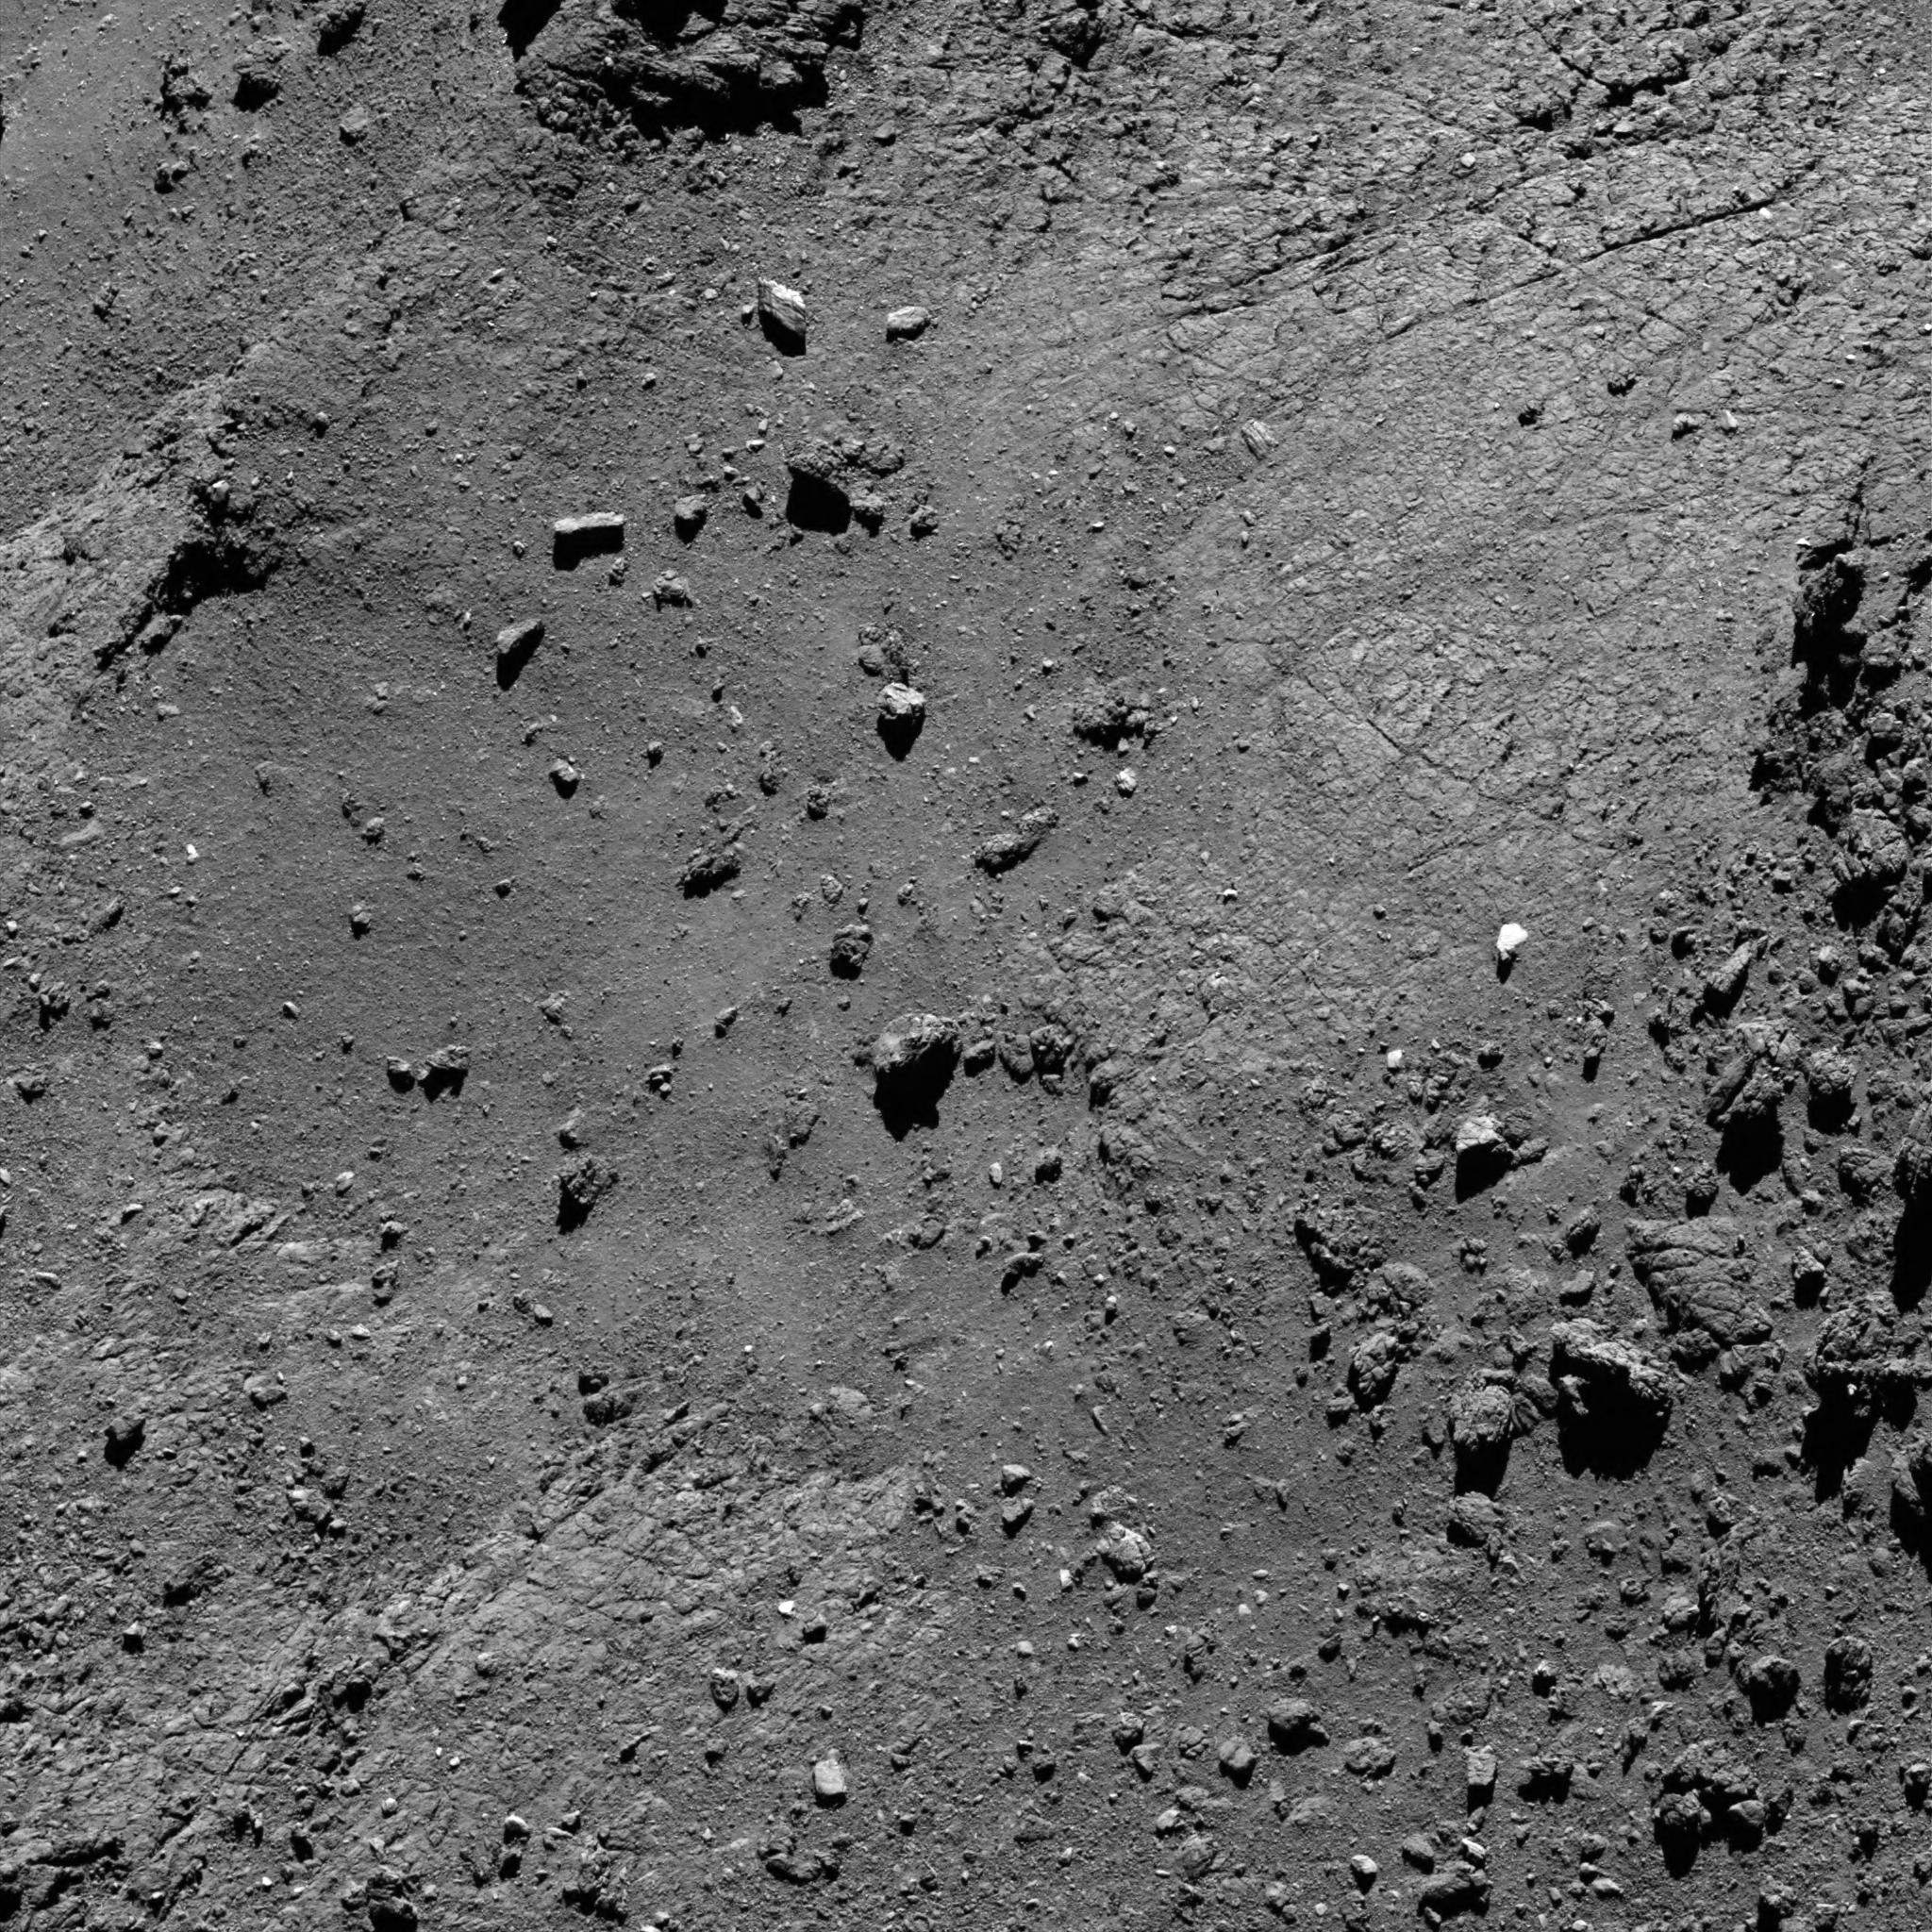 1567213884772-Rosetta_OSIRIS_NAC_20160815T193748_ID20F22.png